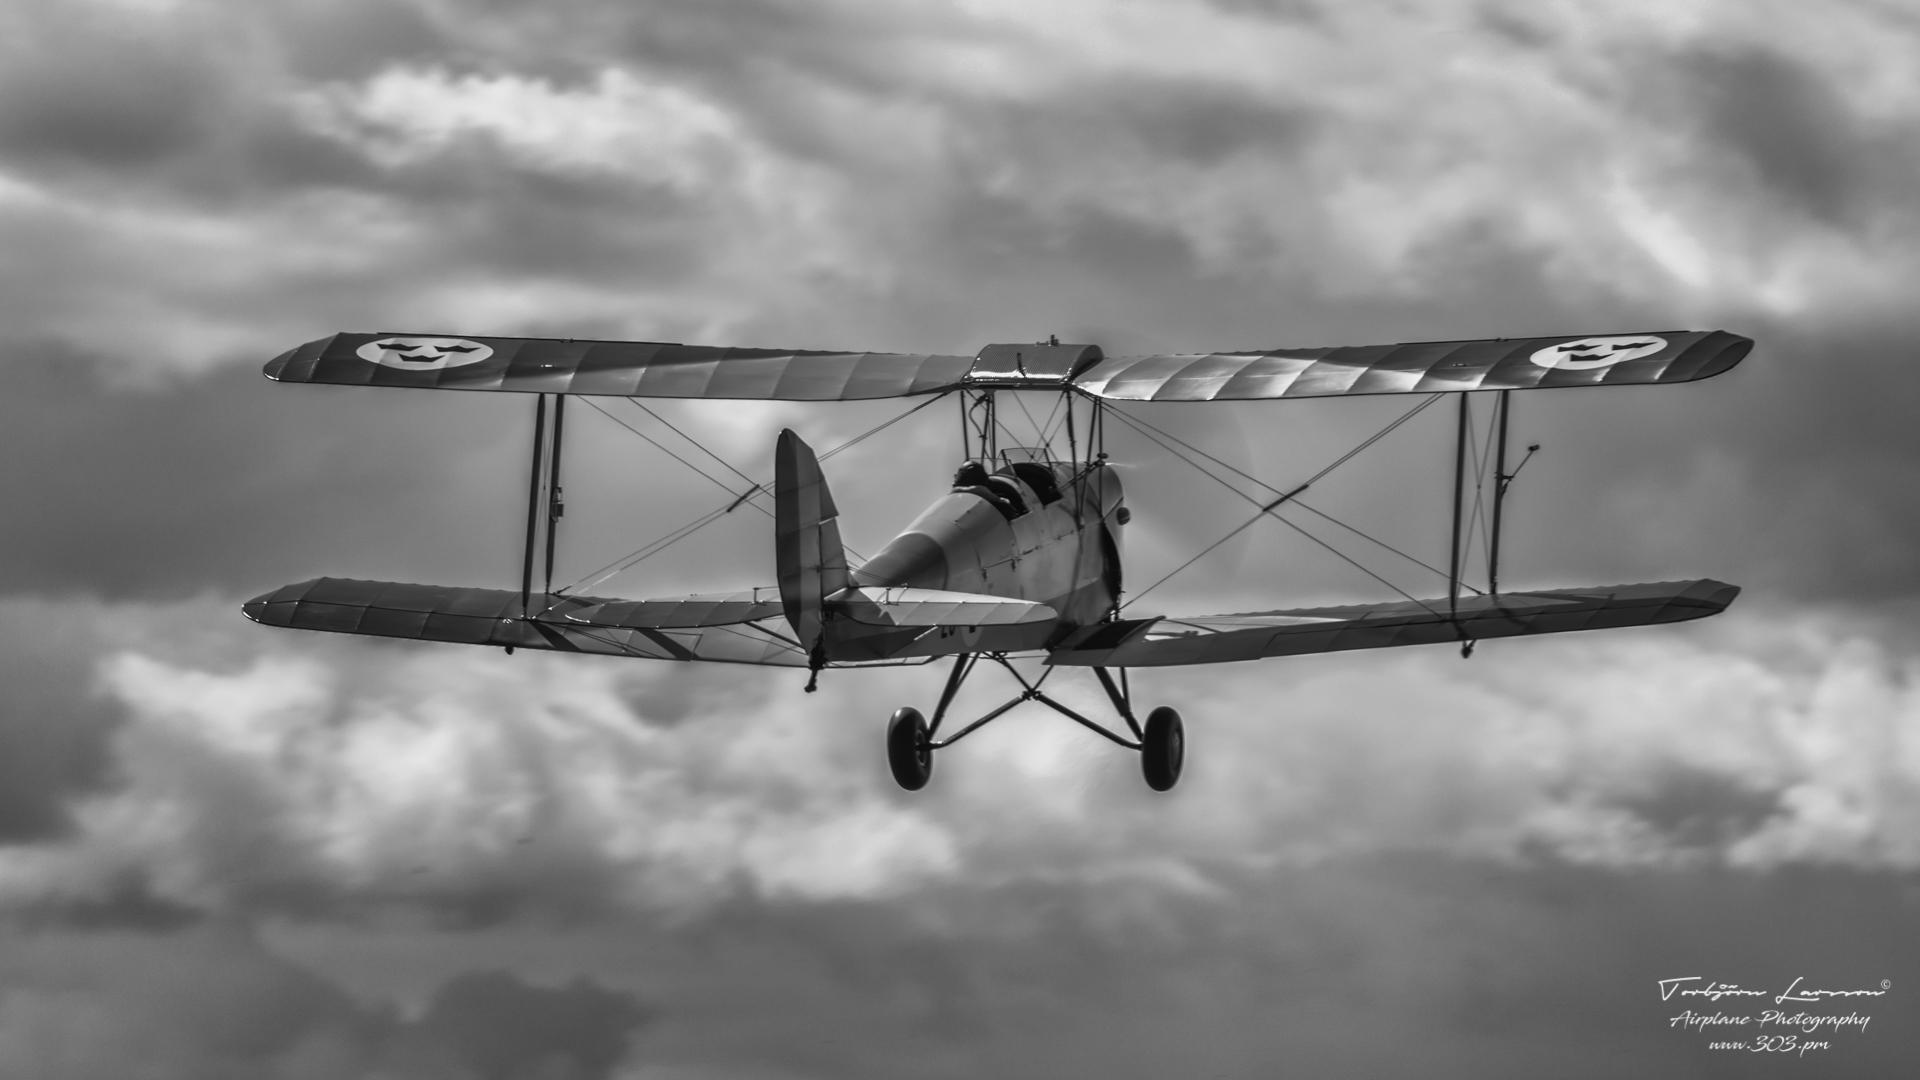 TBE_7140-de Havilland DH.82a Tiger Moth (SE-BYL)